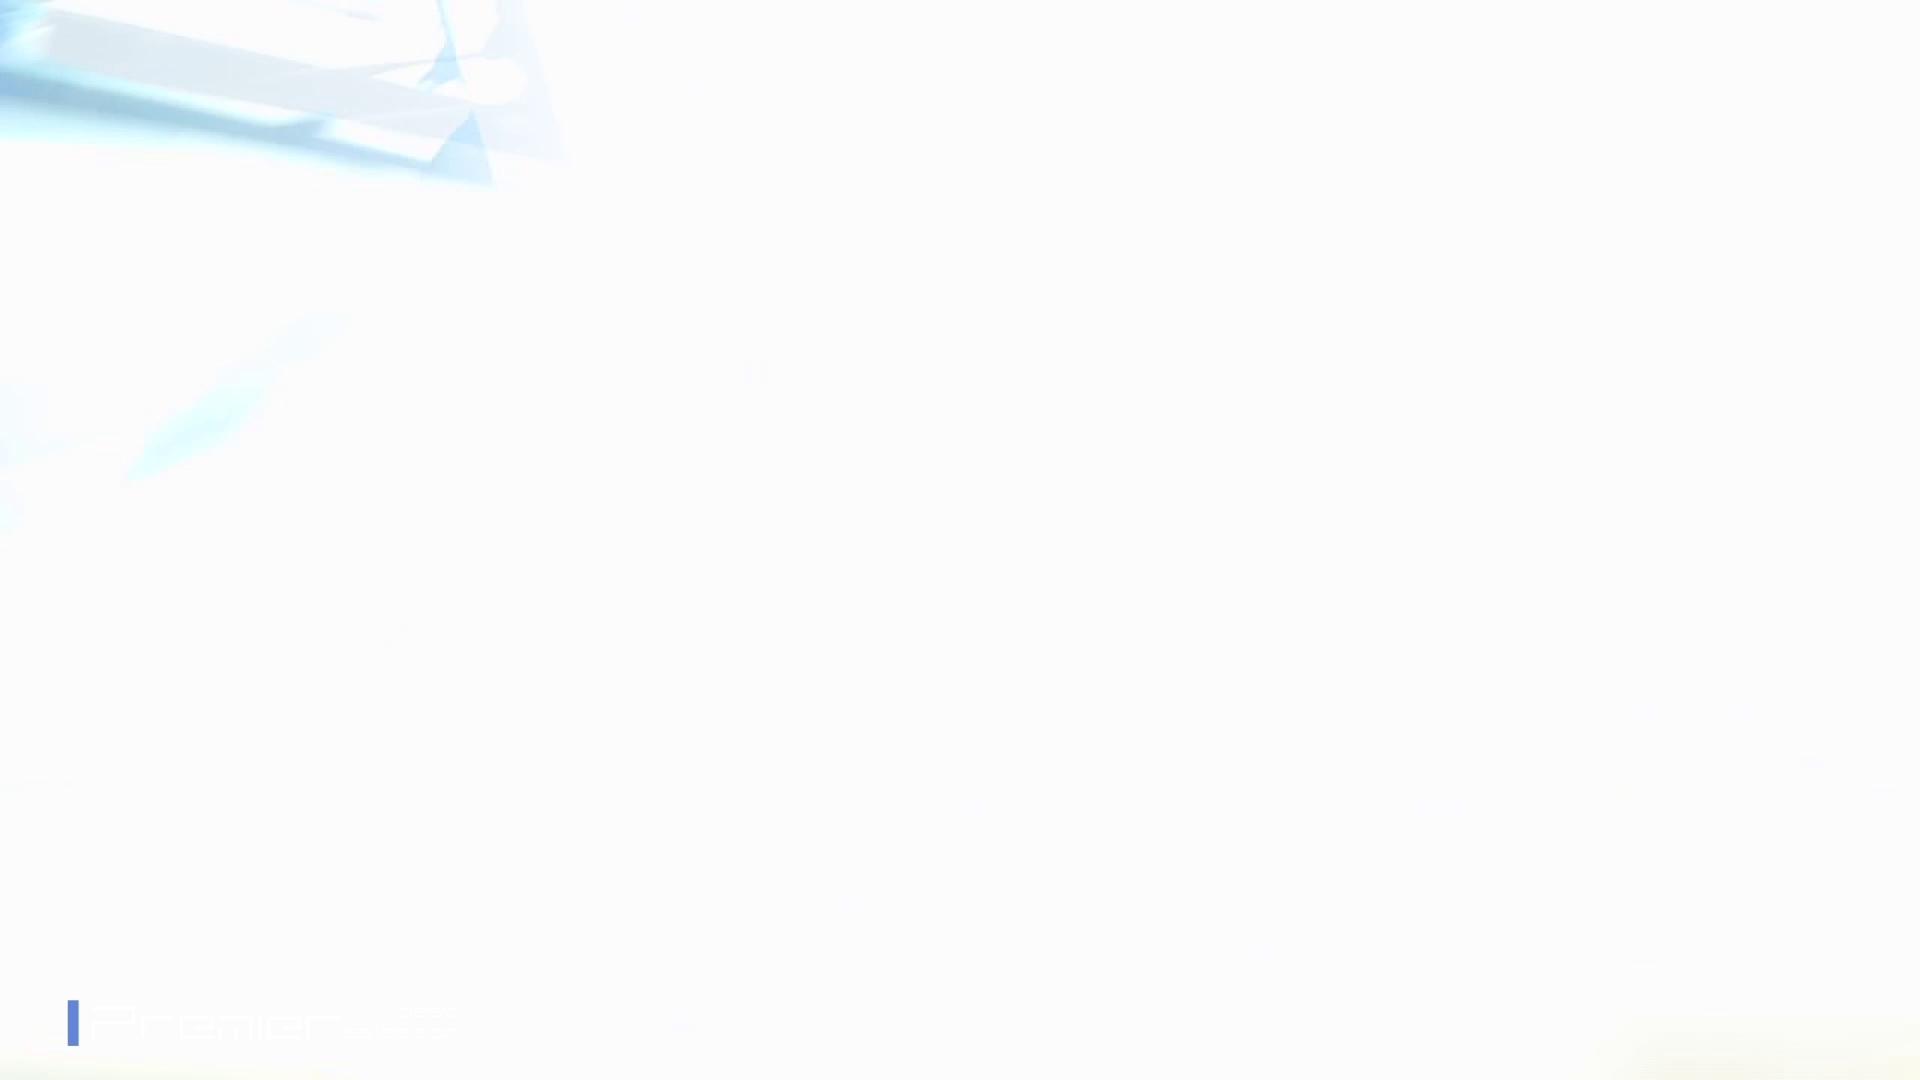 美女の痴態に密着!ギャルのパンチラVol.07 白のフリフリスカートの中 高画質 おまんこ無修正動画無料 101画像 13